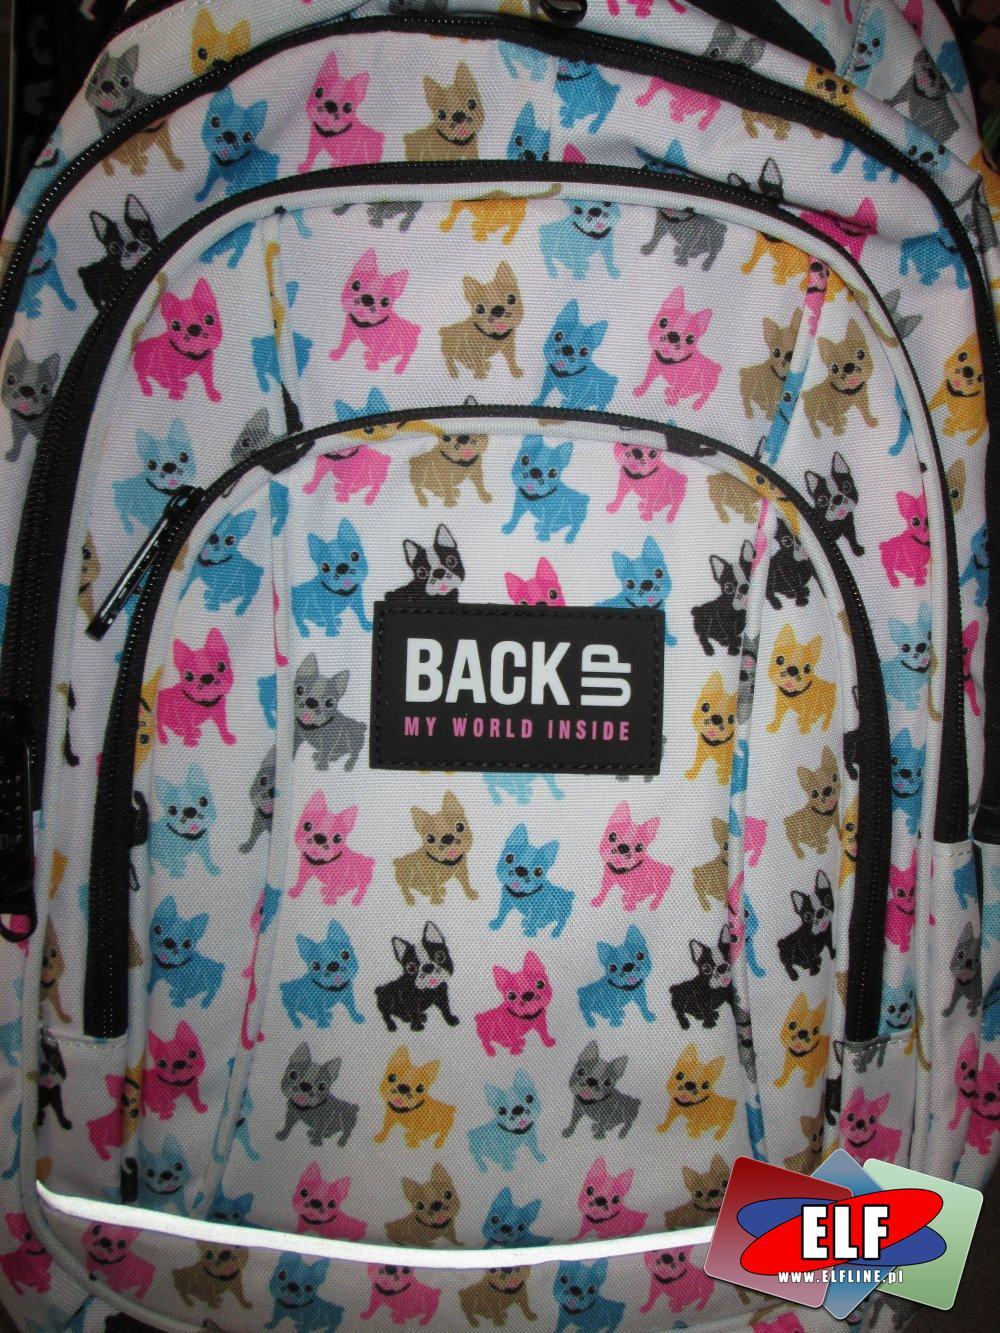 Plecak szkolny, Plecaki szkolne, tornister, tornistry różne dla ucznia